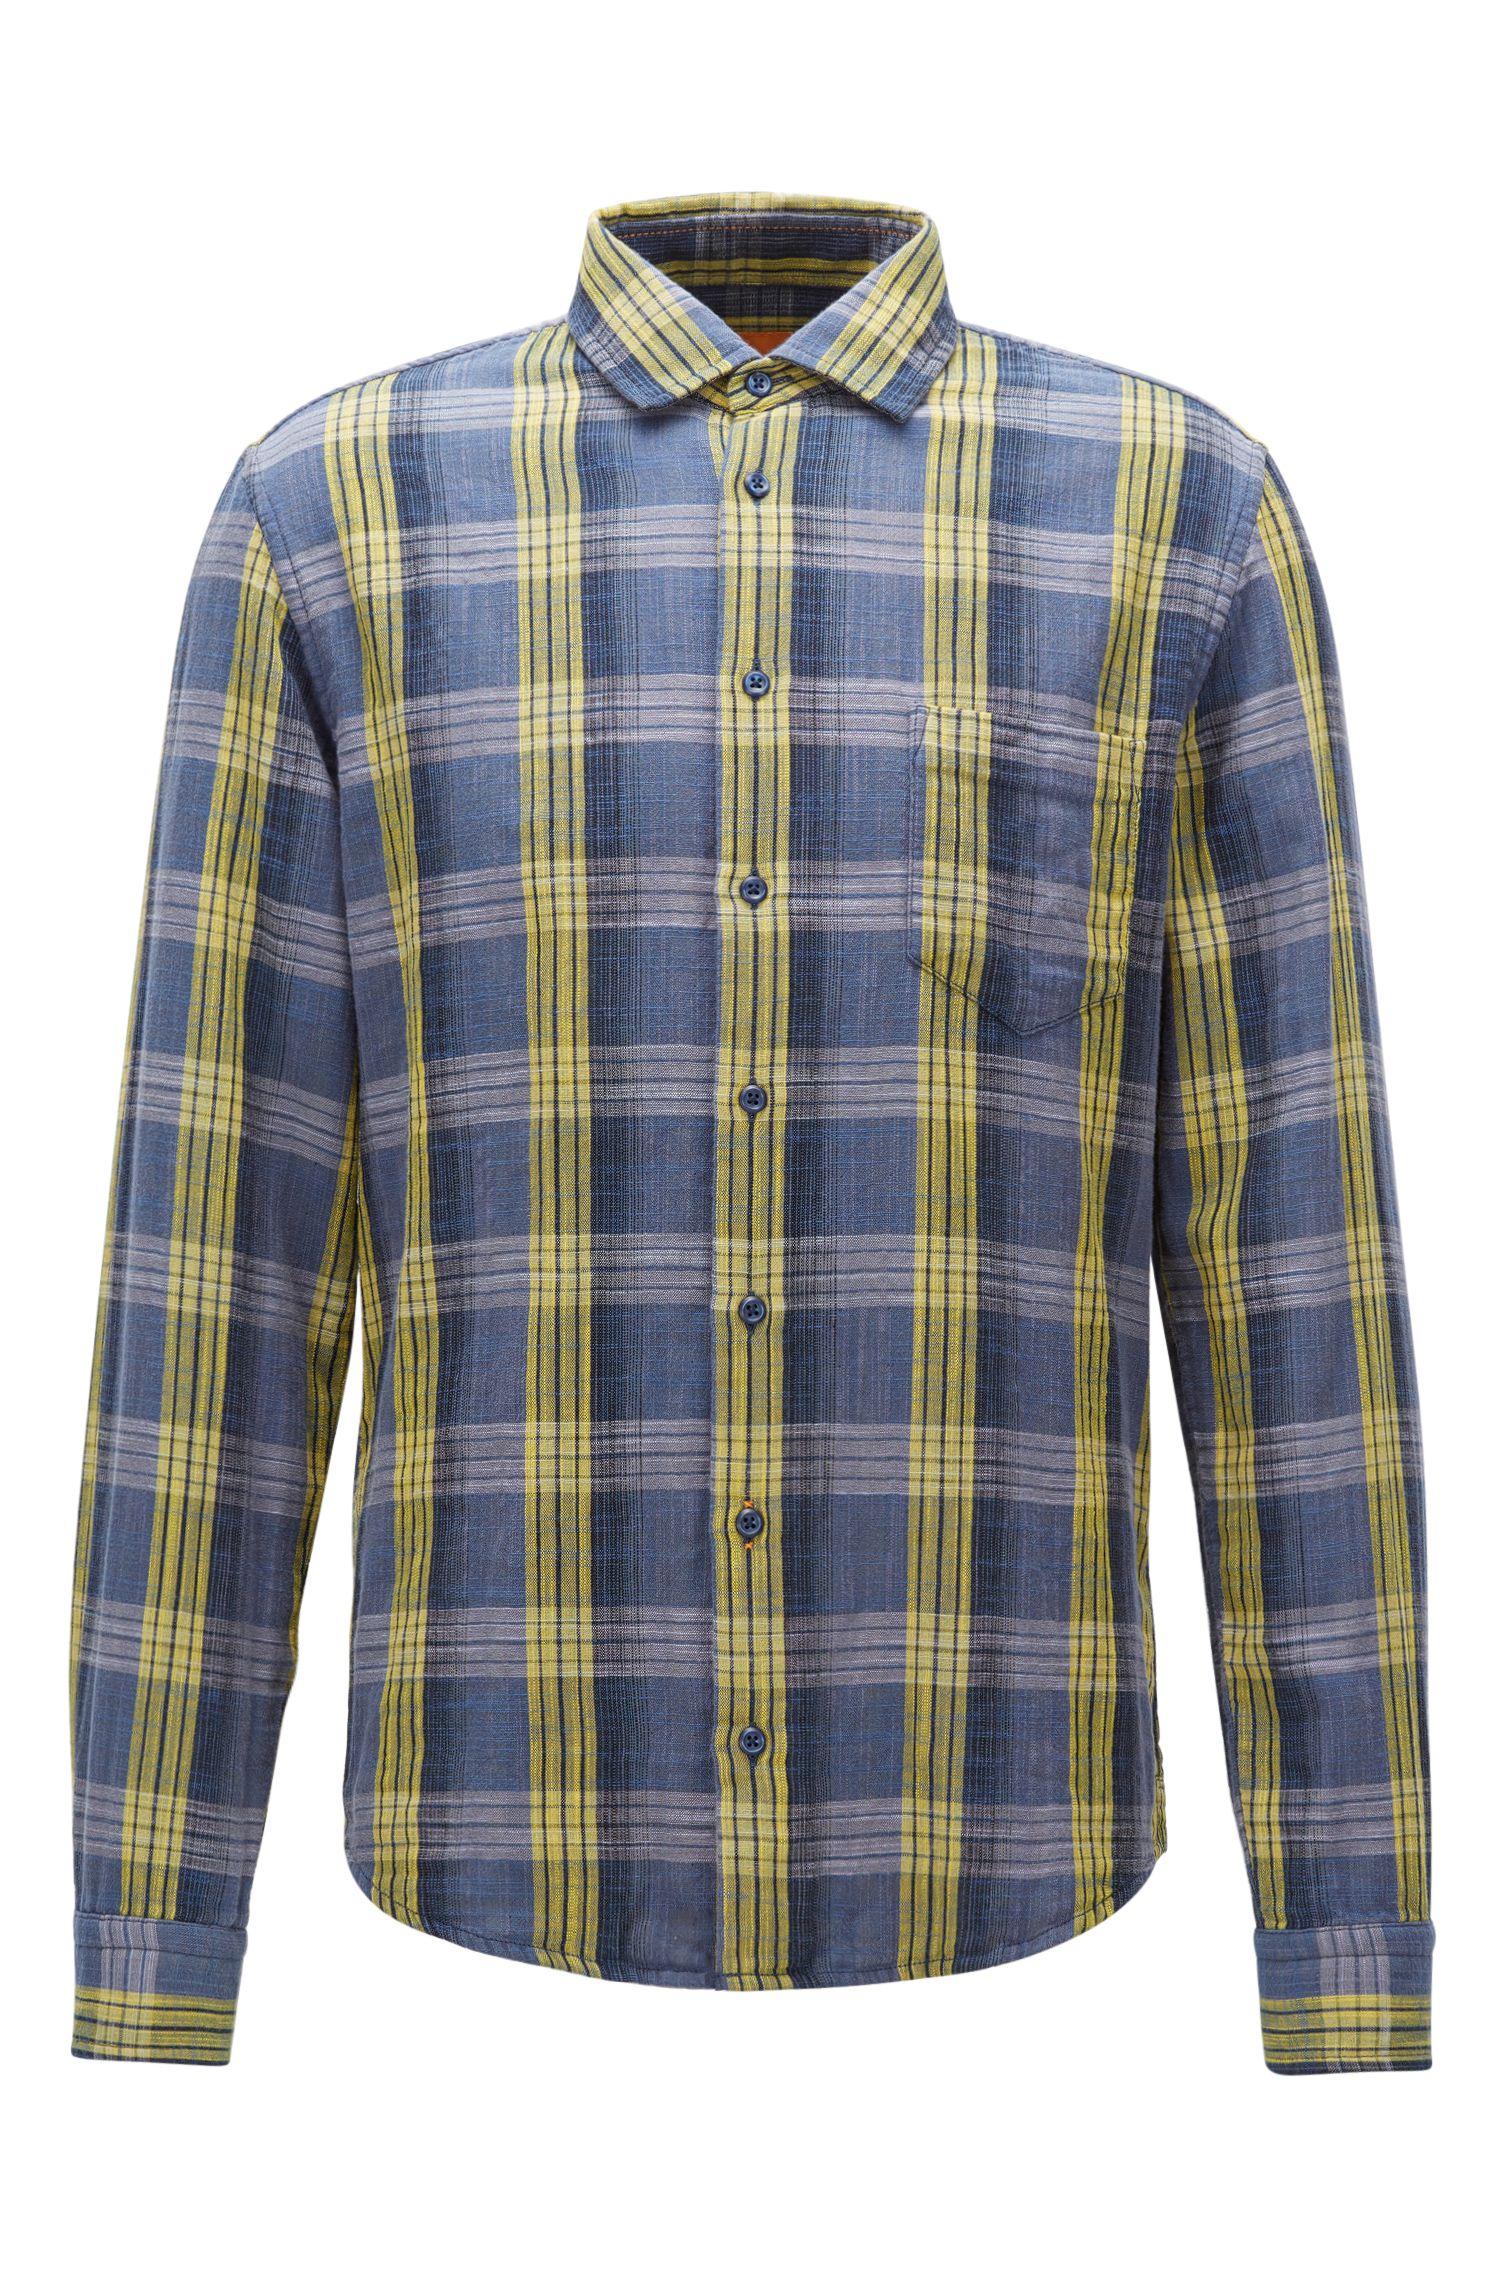 Slim Fit, Glen Plaid Cotton Button Down Shirt, Slim Fit | Epop